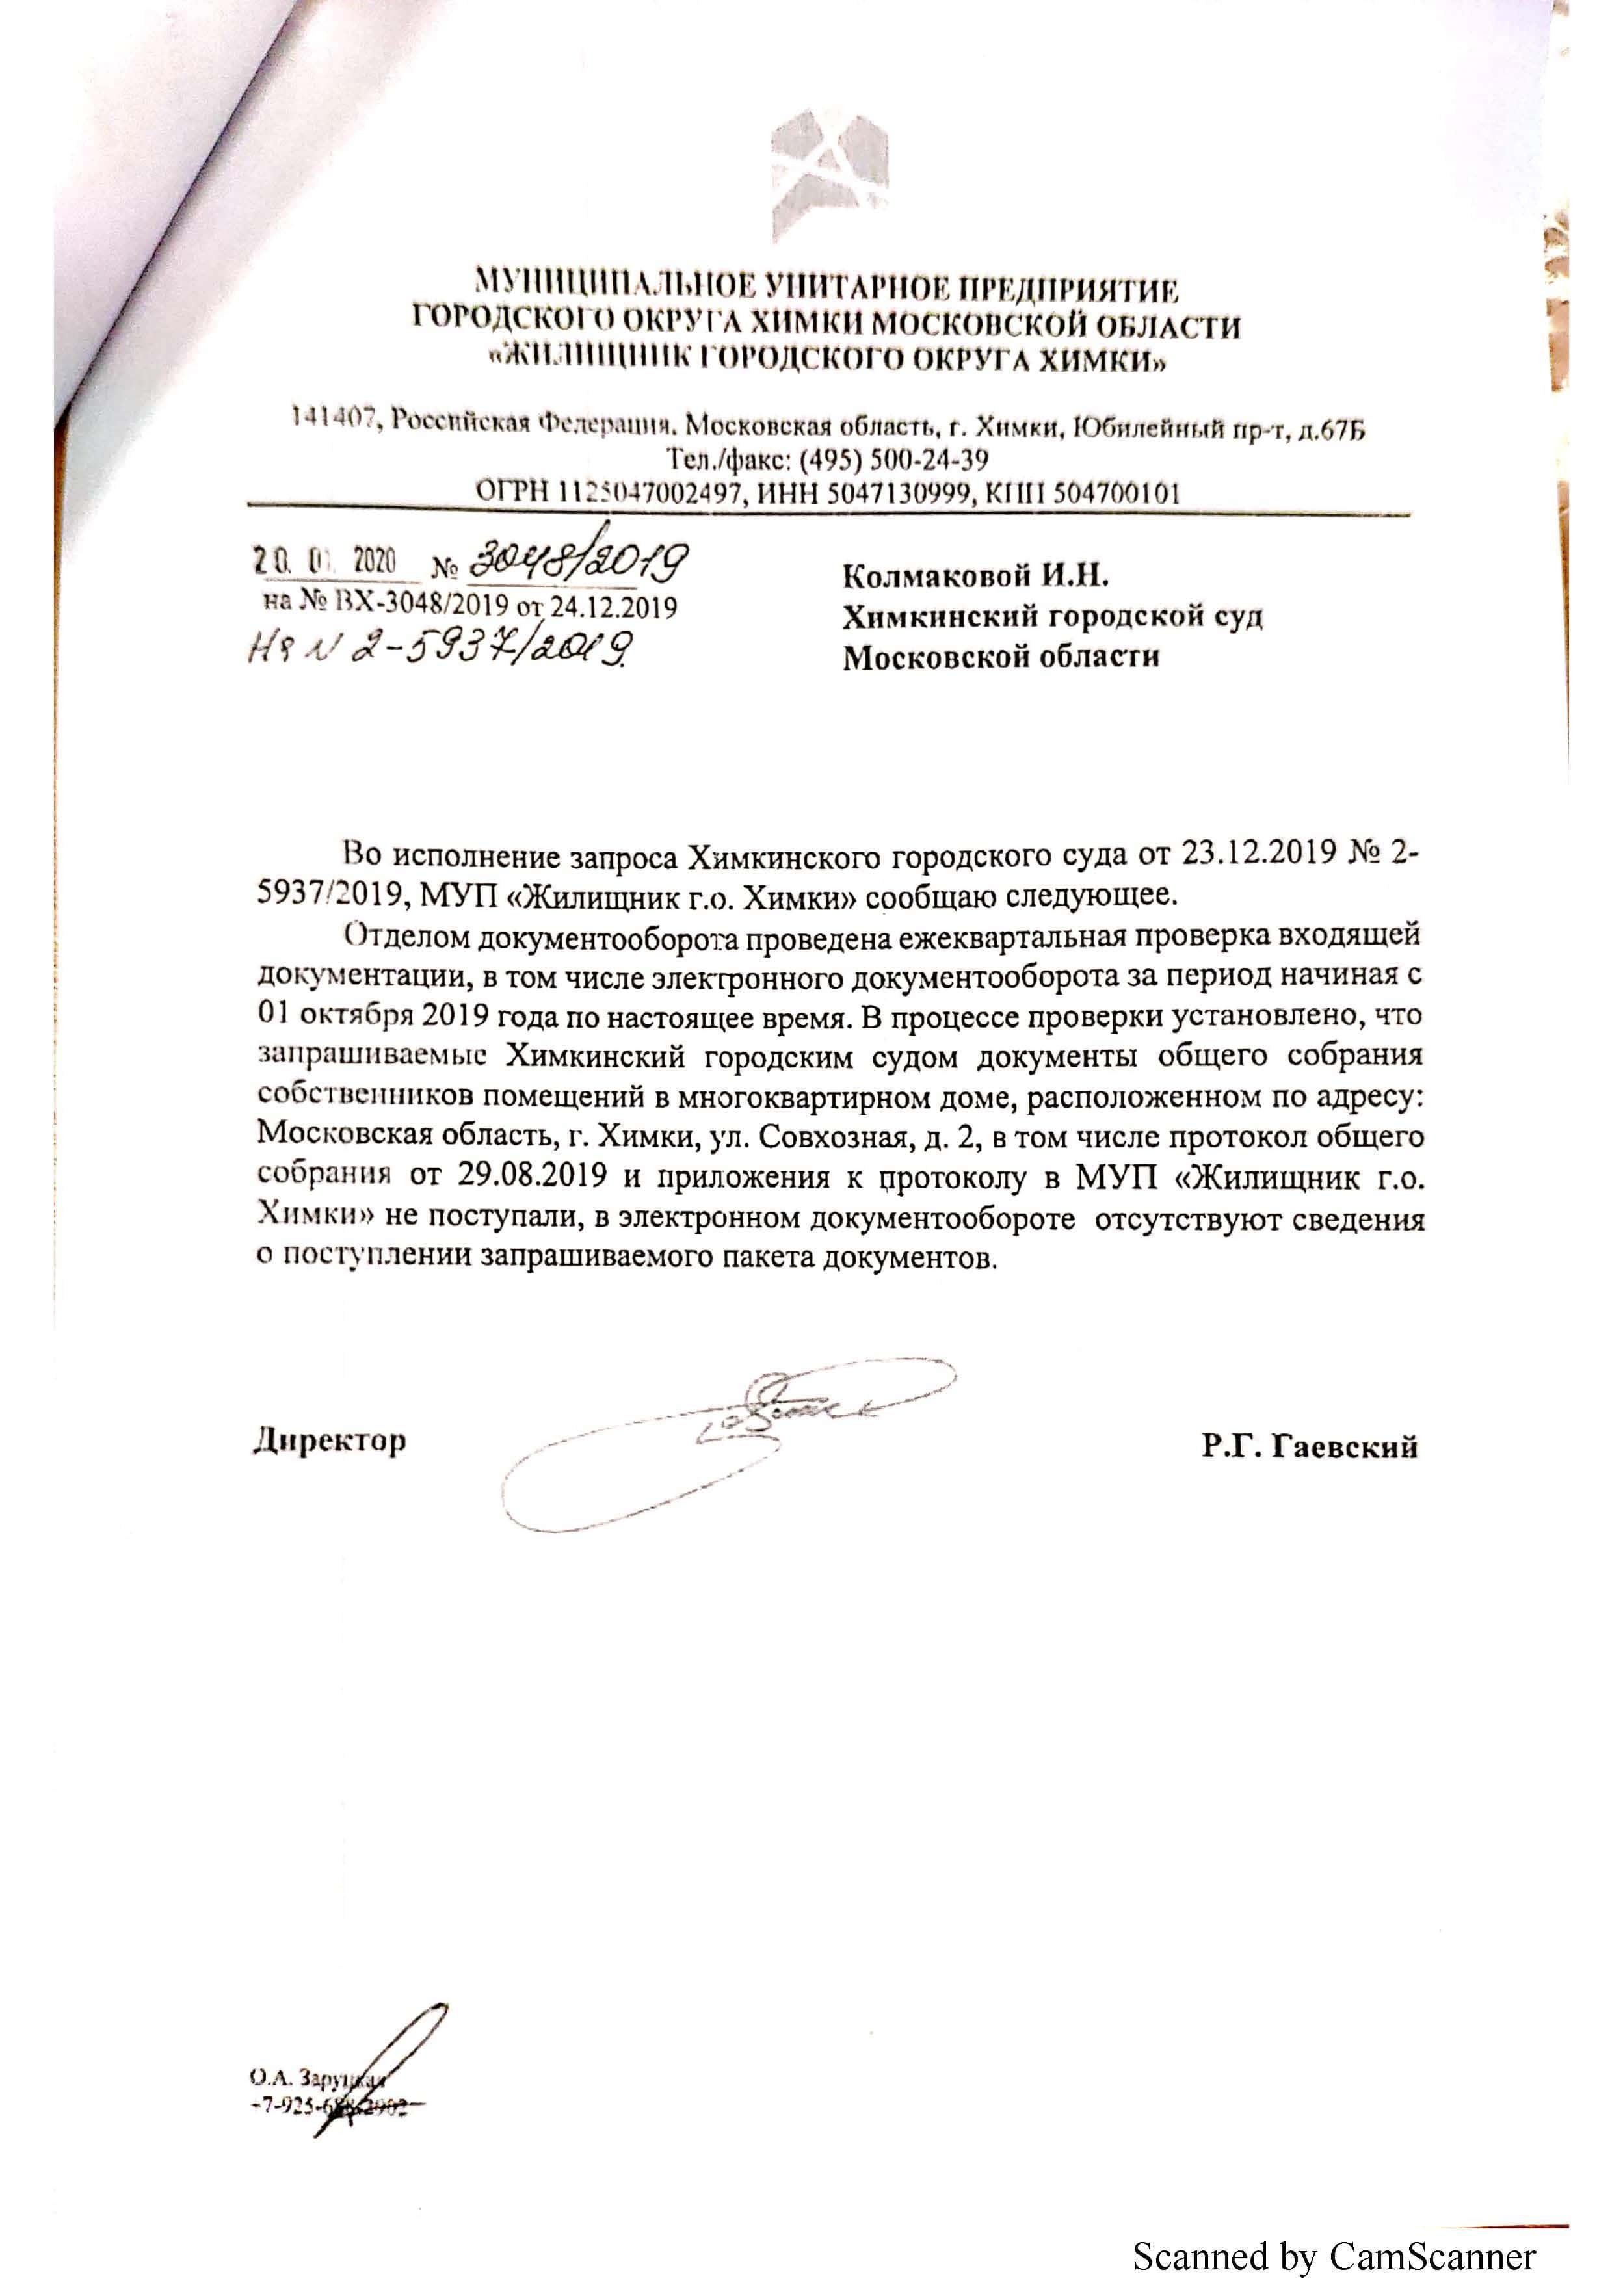 """Ответ МУП """"Жилищник г.о. Химки"""" на судебный запрос"""